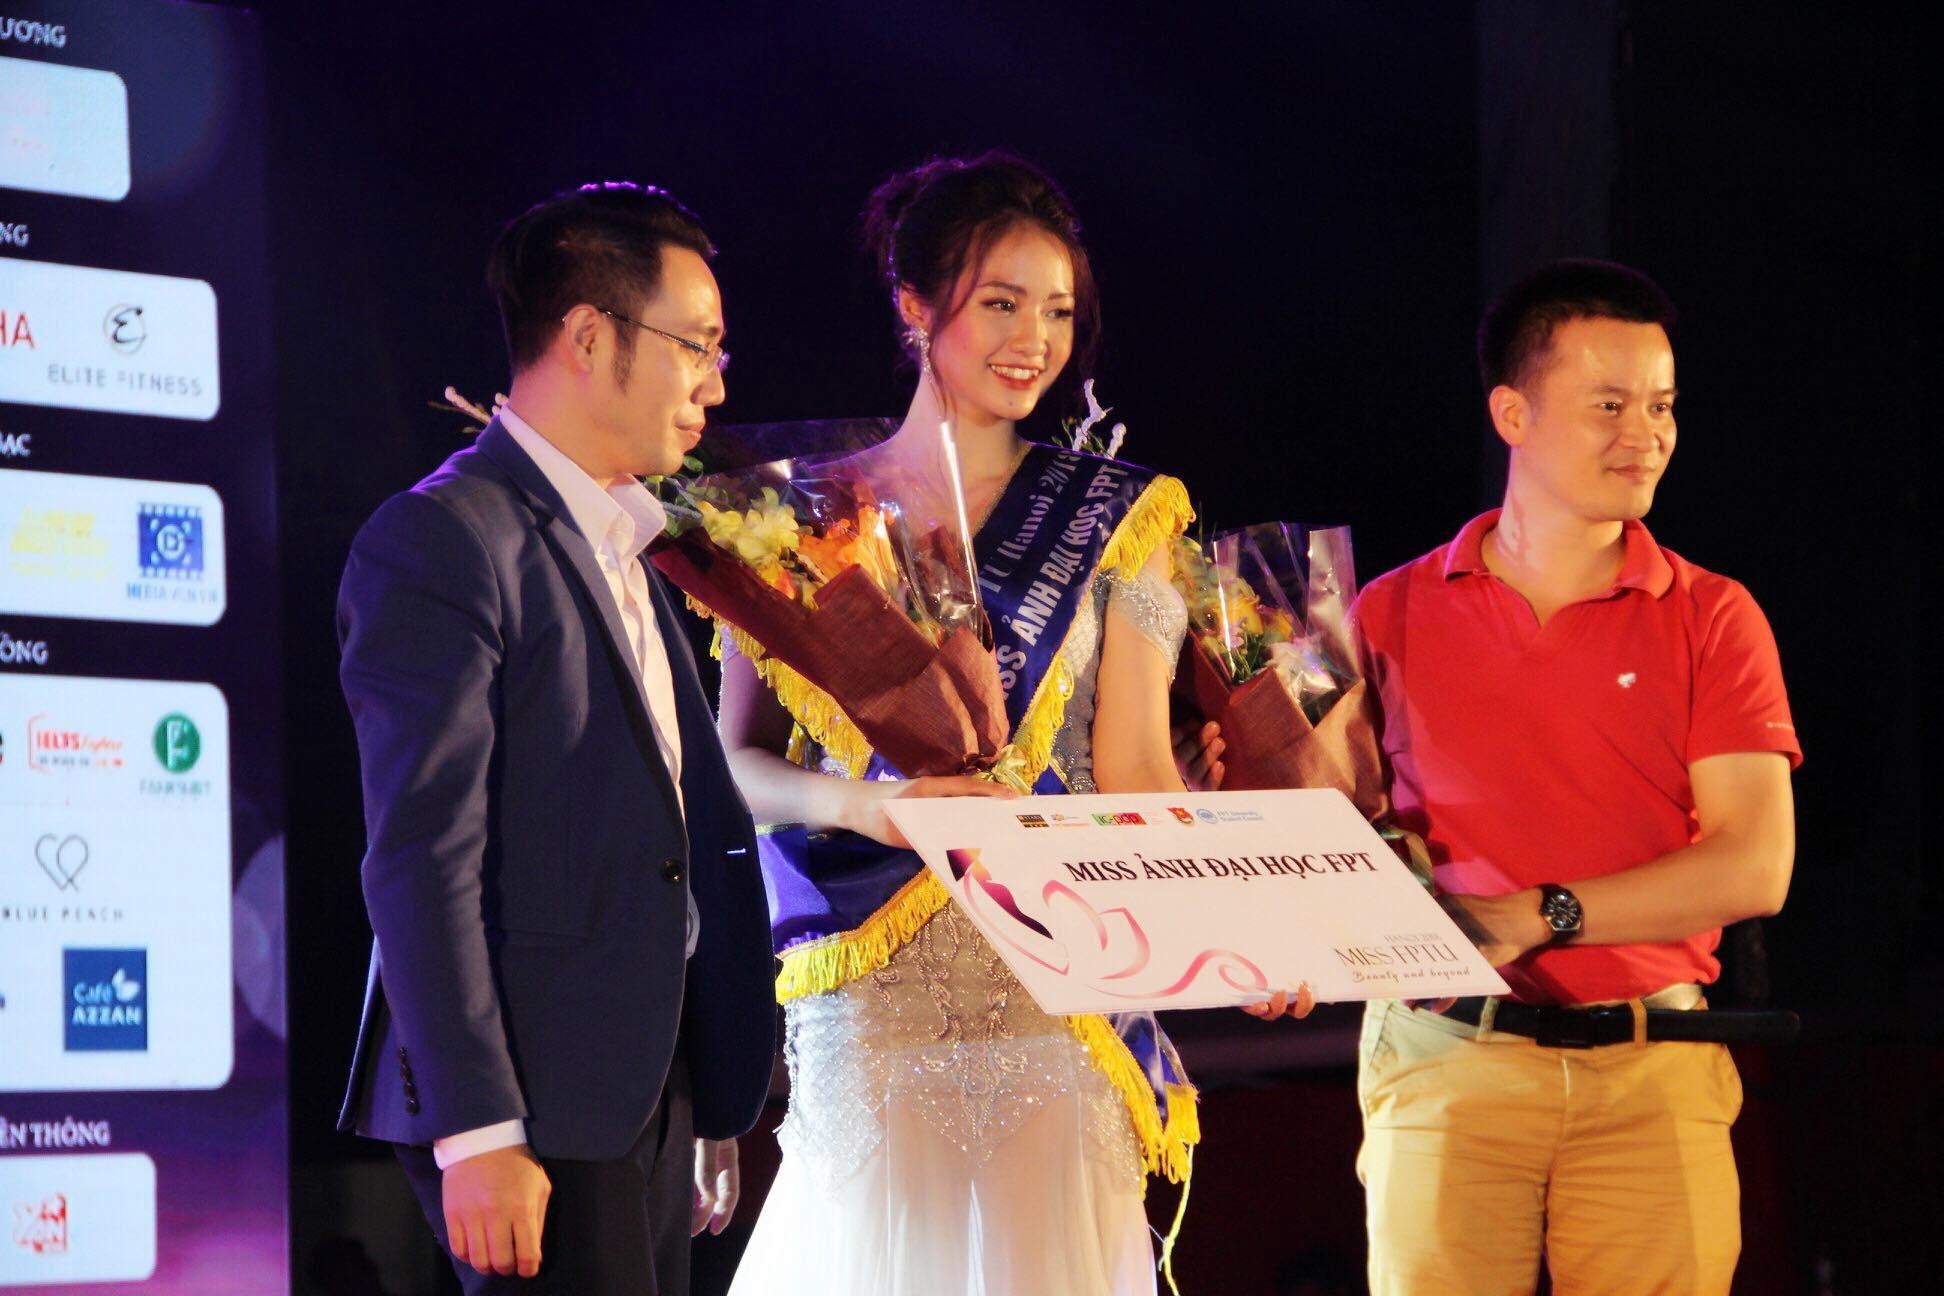 """Nhan sắc đời thường """"đốt mắt"""" của tân hoa khôi """"ẵm"""" một lúc 3 giải trong cuộc thi Miss FPTU - Ảnh 1."""